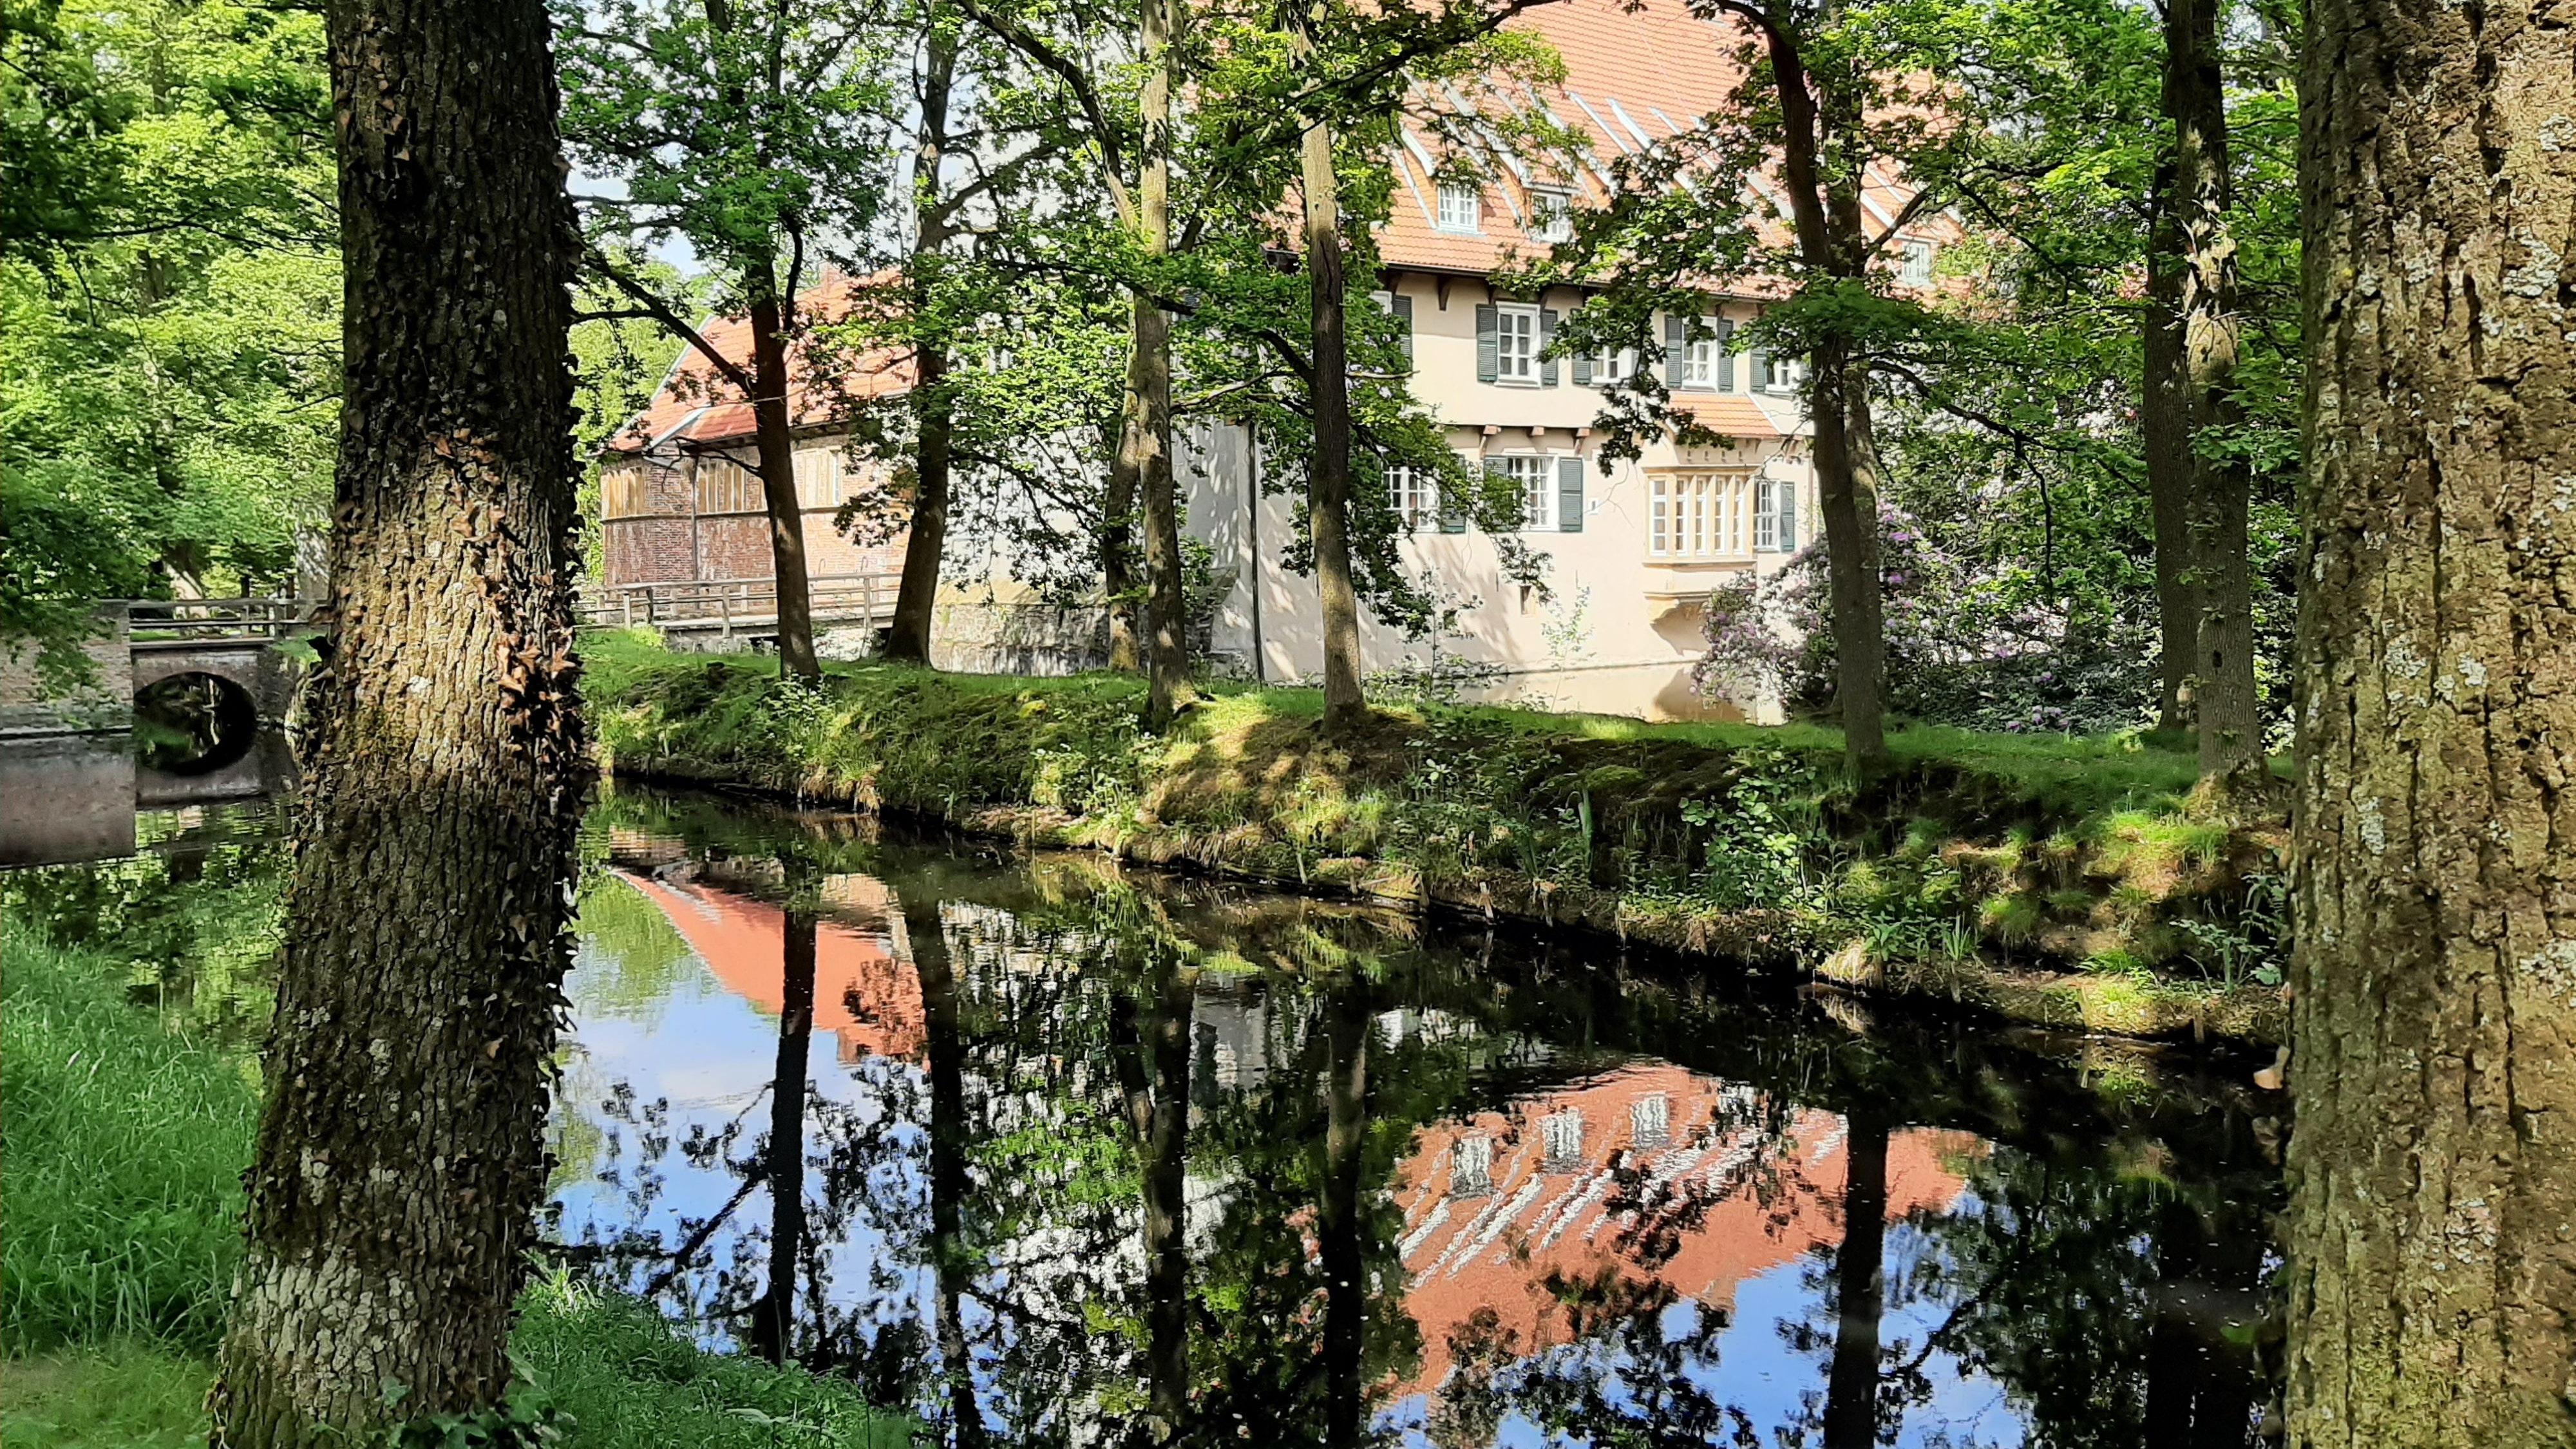 Immer einen Ausflug wert: der Dinklager Burgwald mit der Dietrichsburg als touristischem Anziehungspunkt. Foto: Böckmann